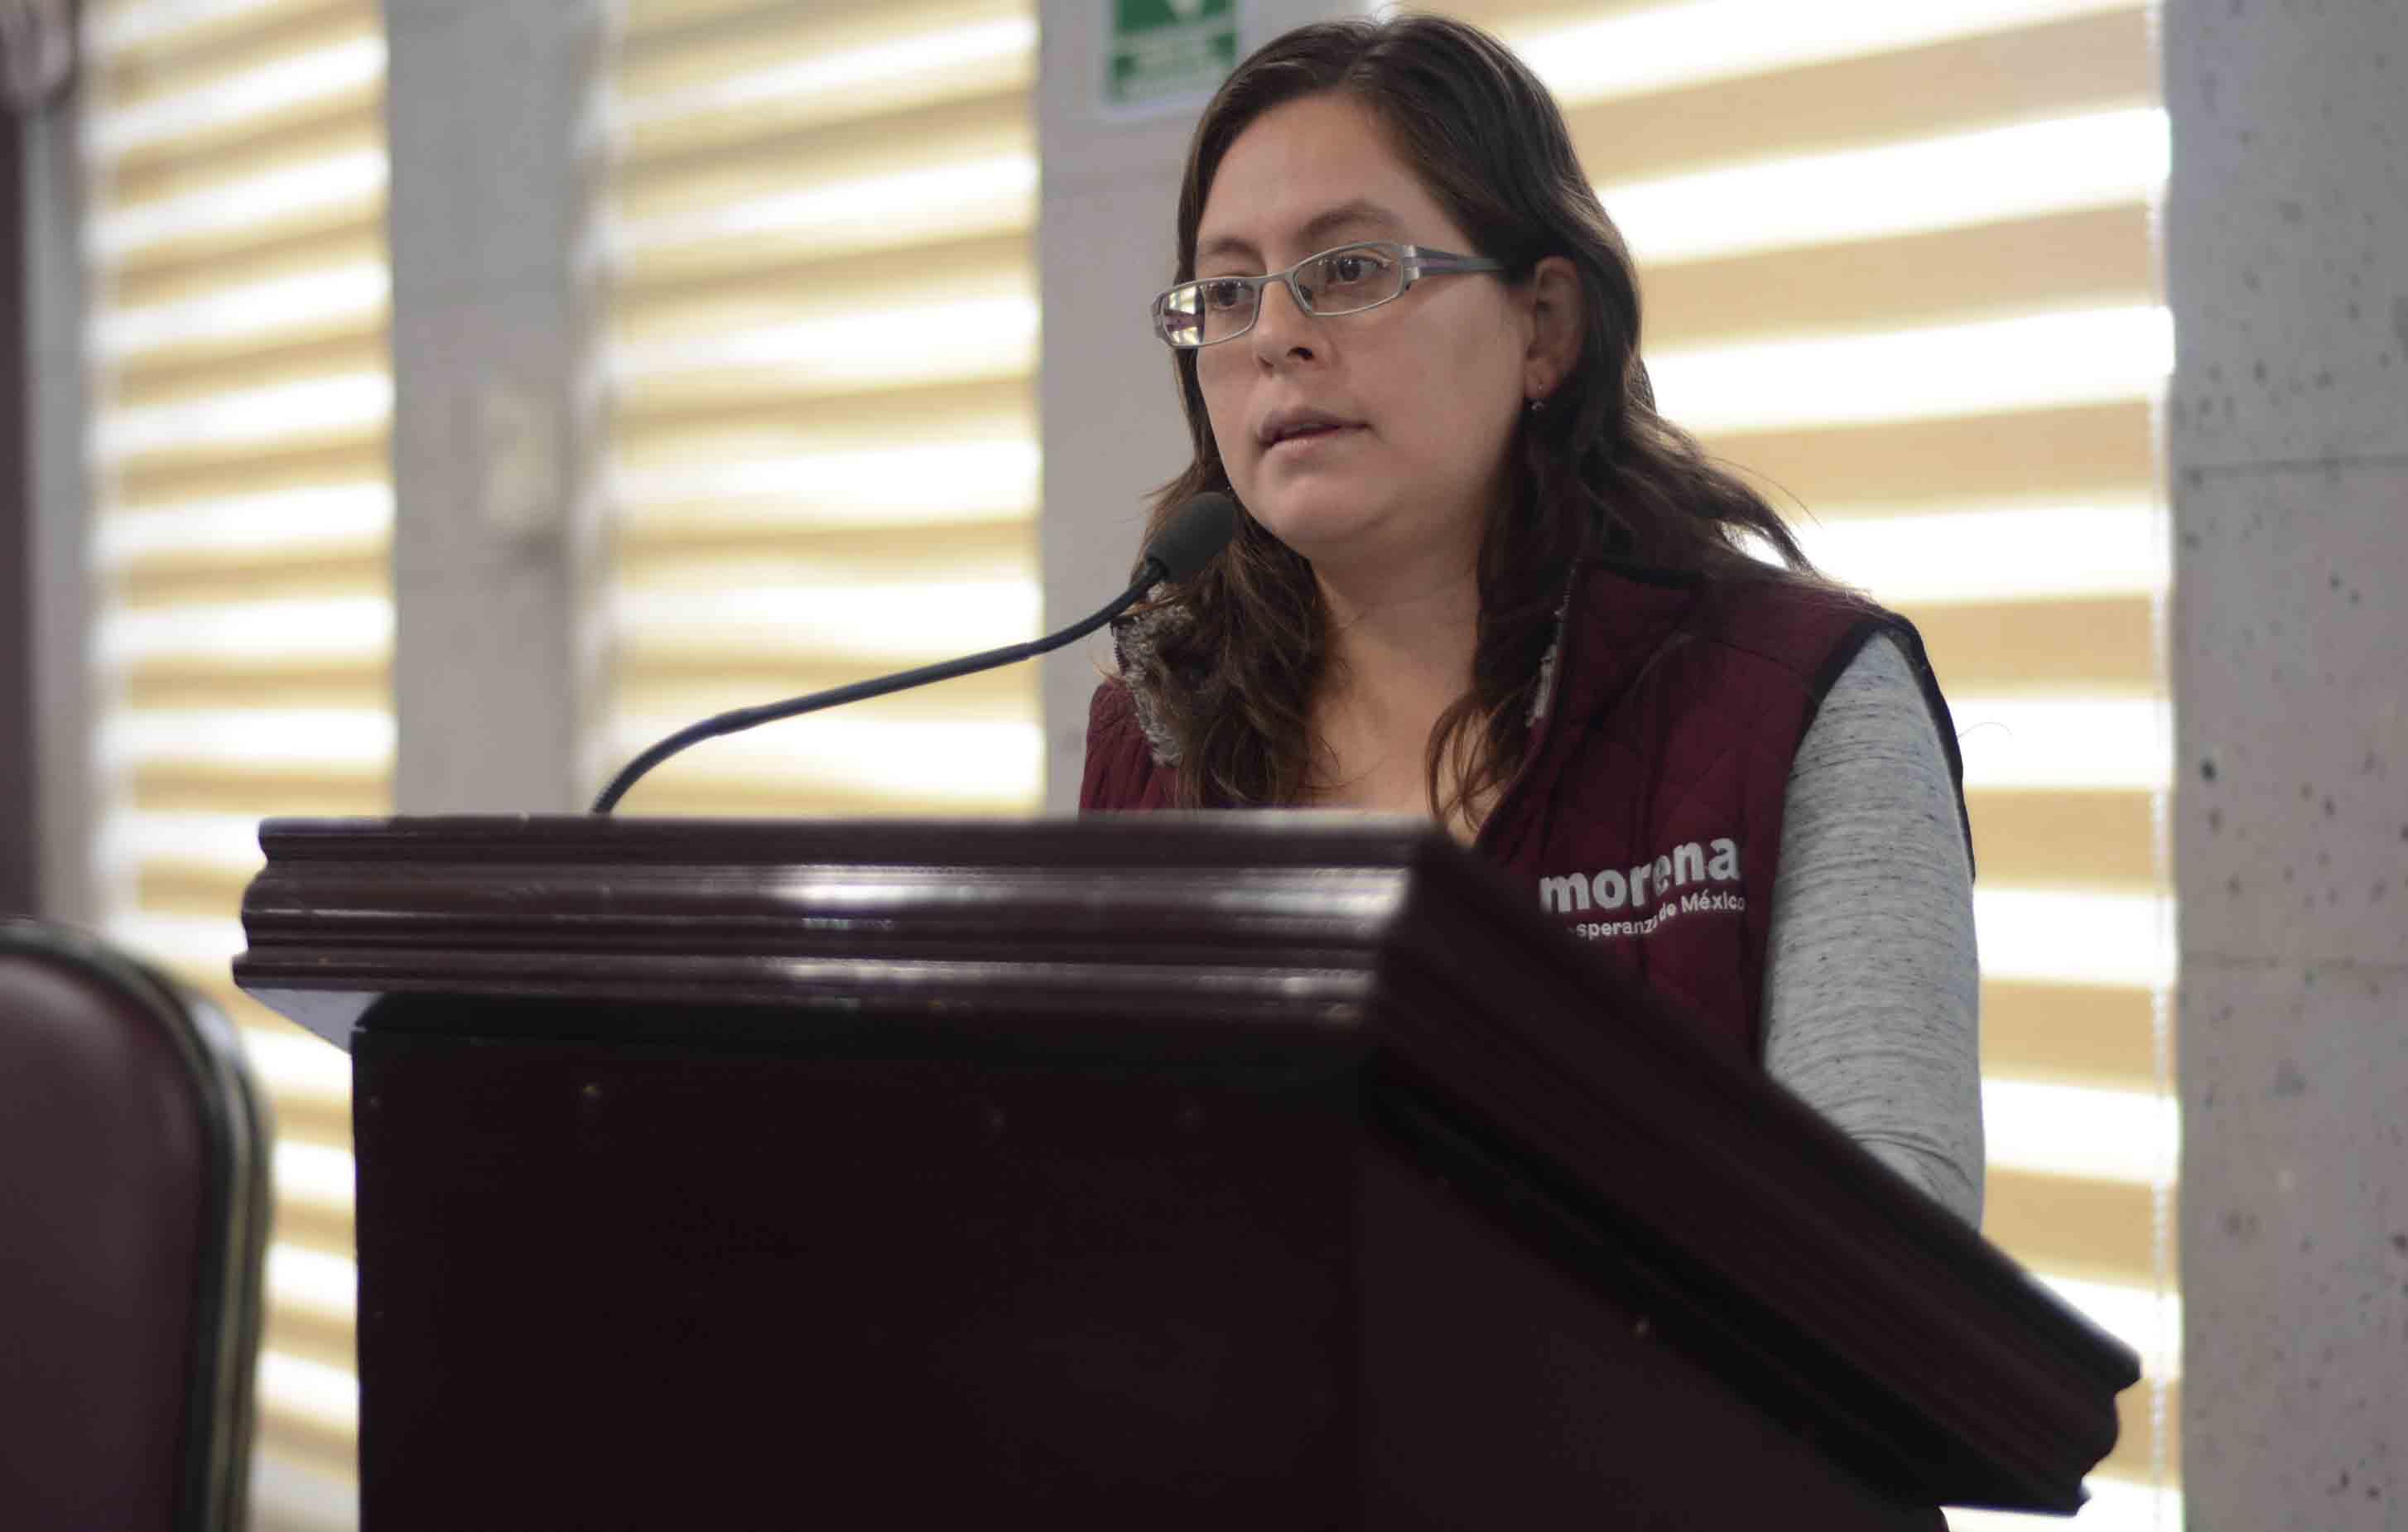 Propone Tanya Carola incorporar derechos sexuales de mujeres en la legislación